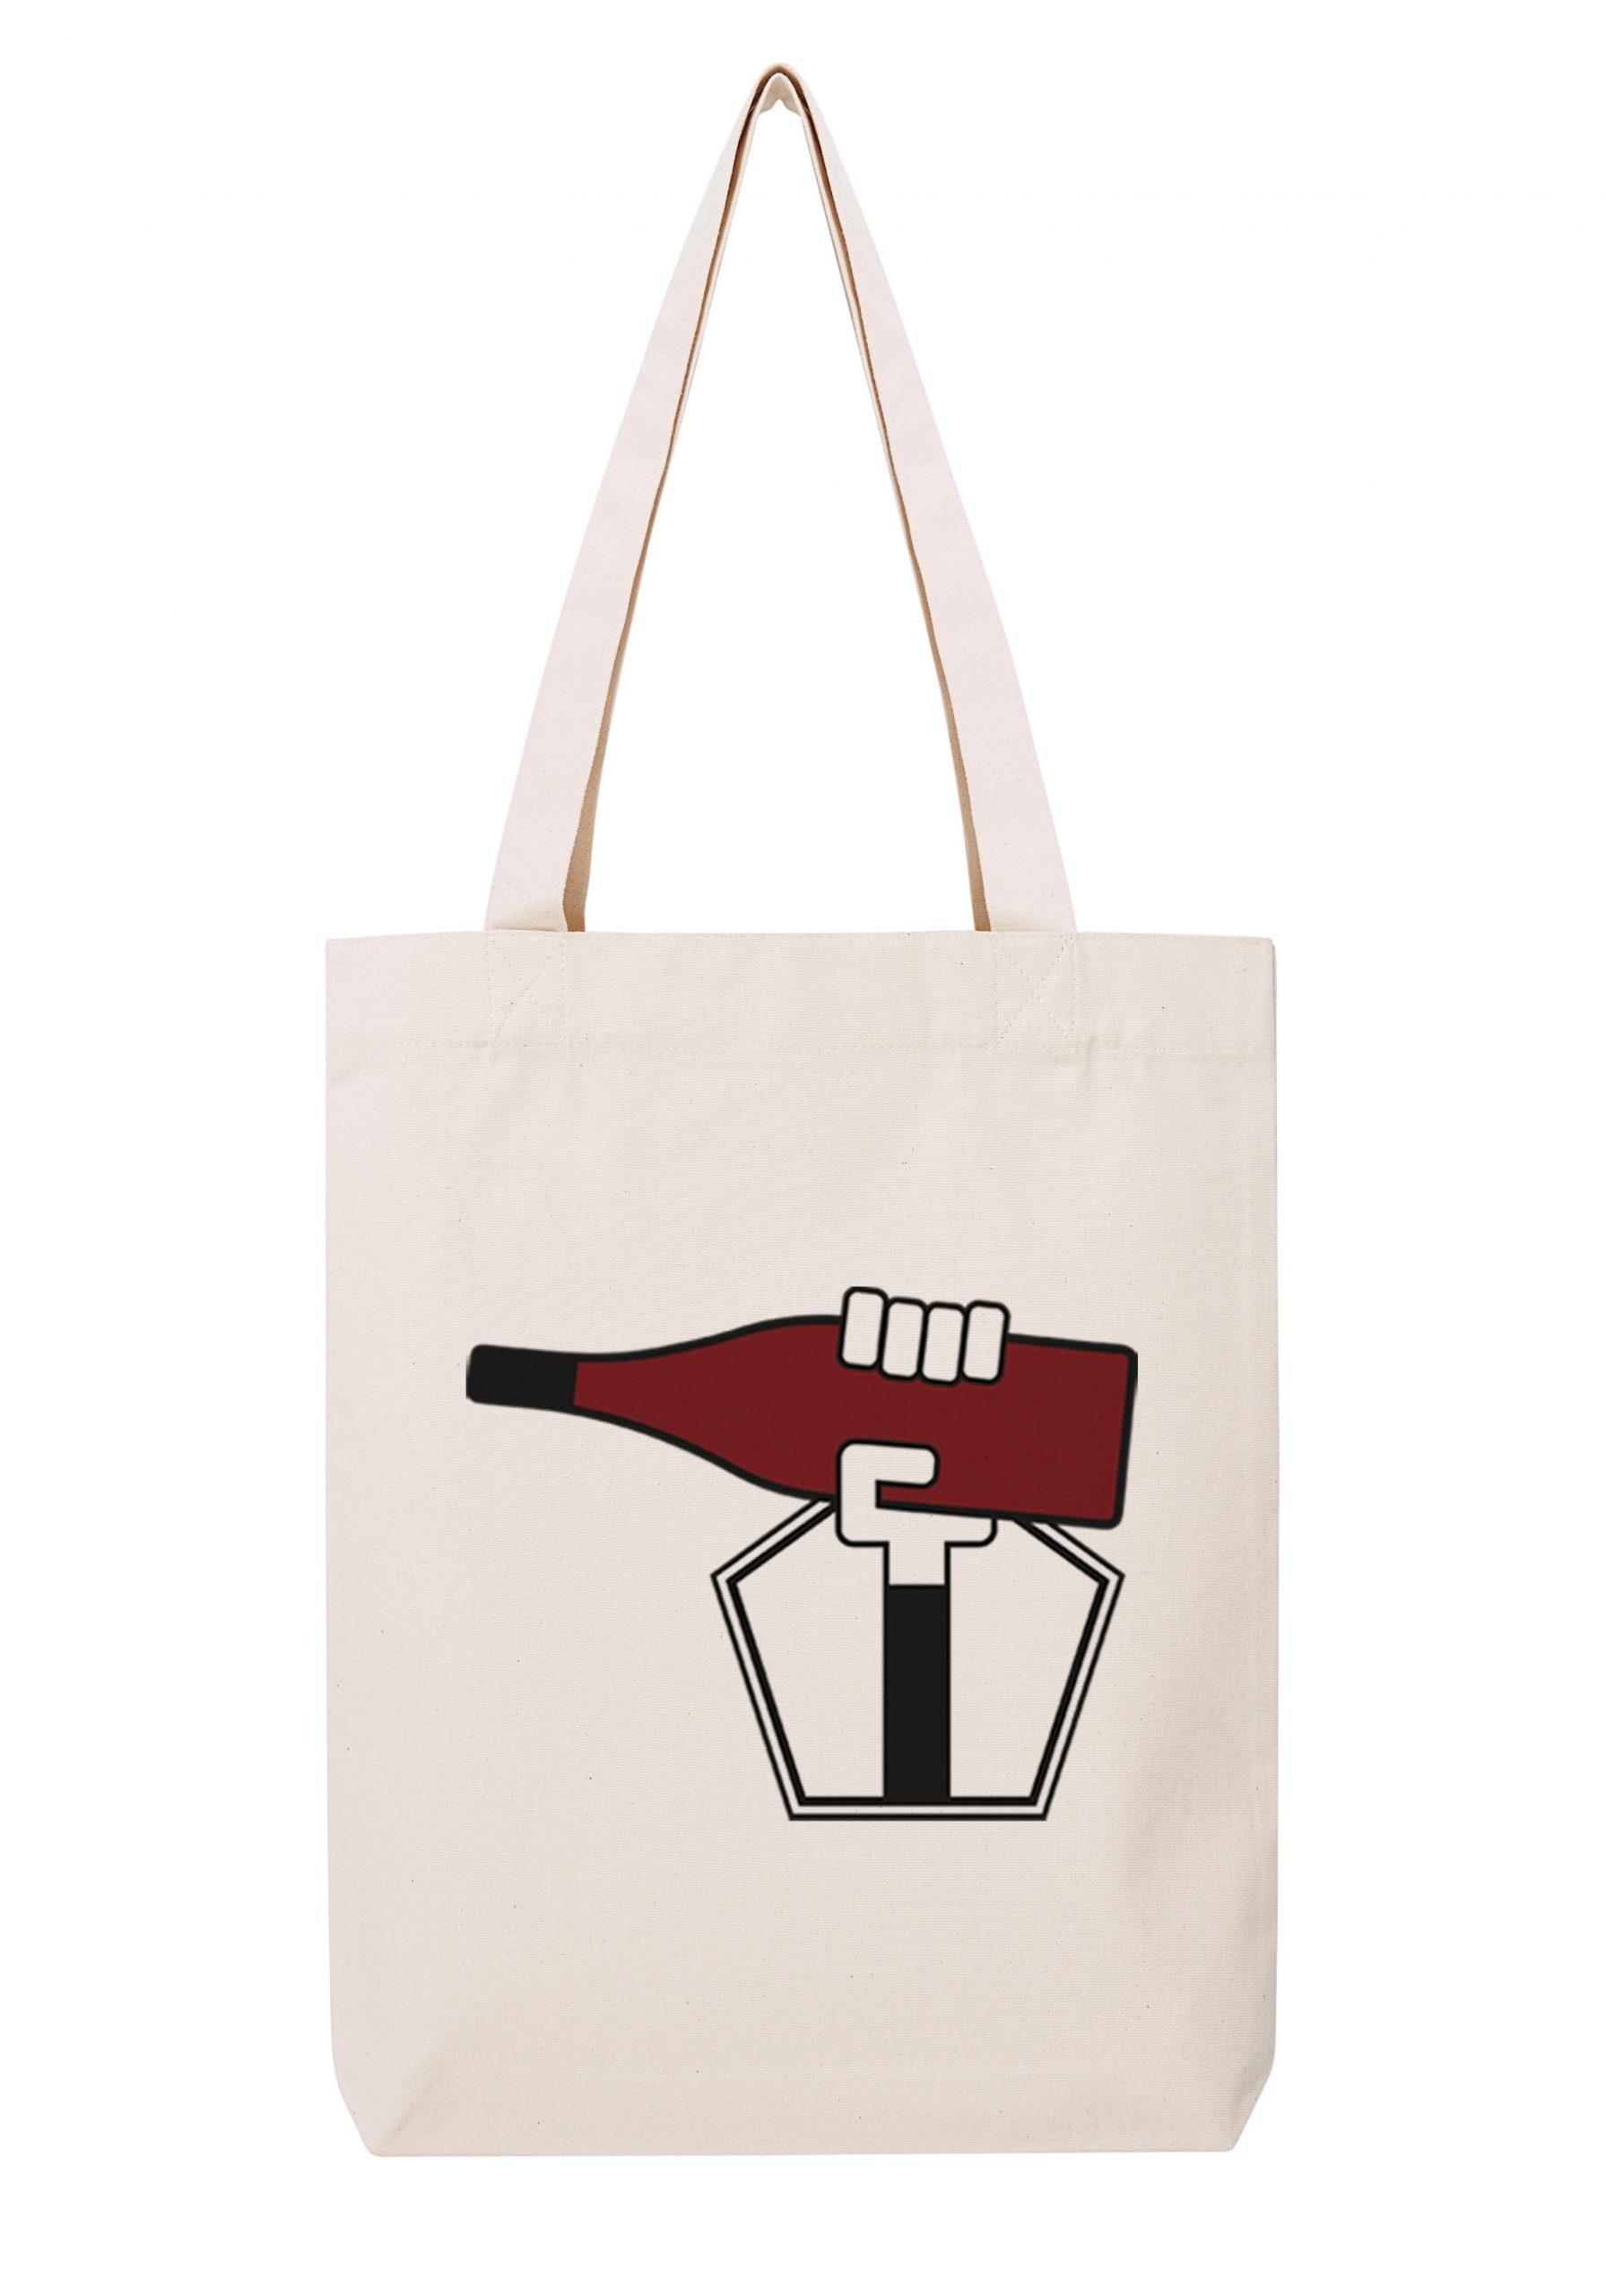 bourgogne homme rouge sac coton tote bag bio bocavi du vin dans ta penderie bouteilles viticole vigneron wine